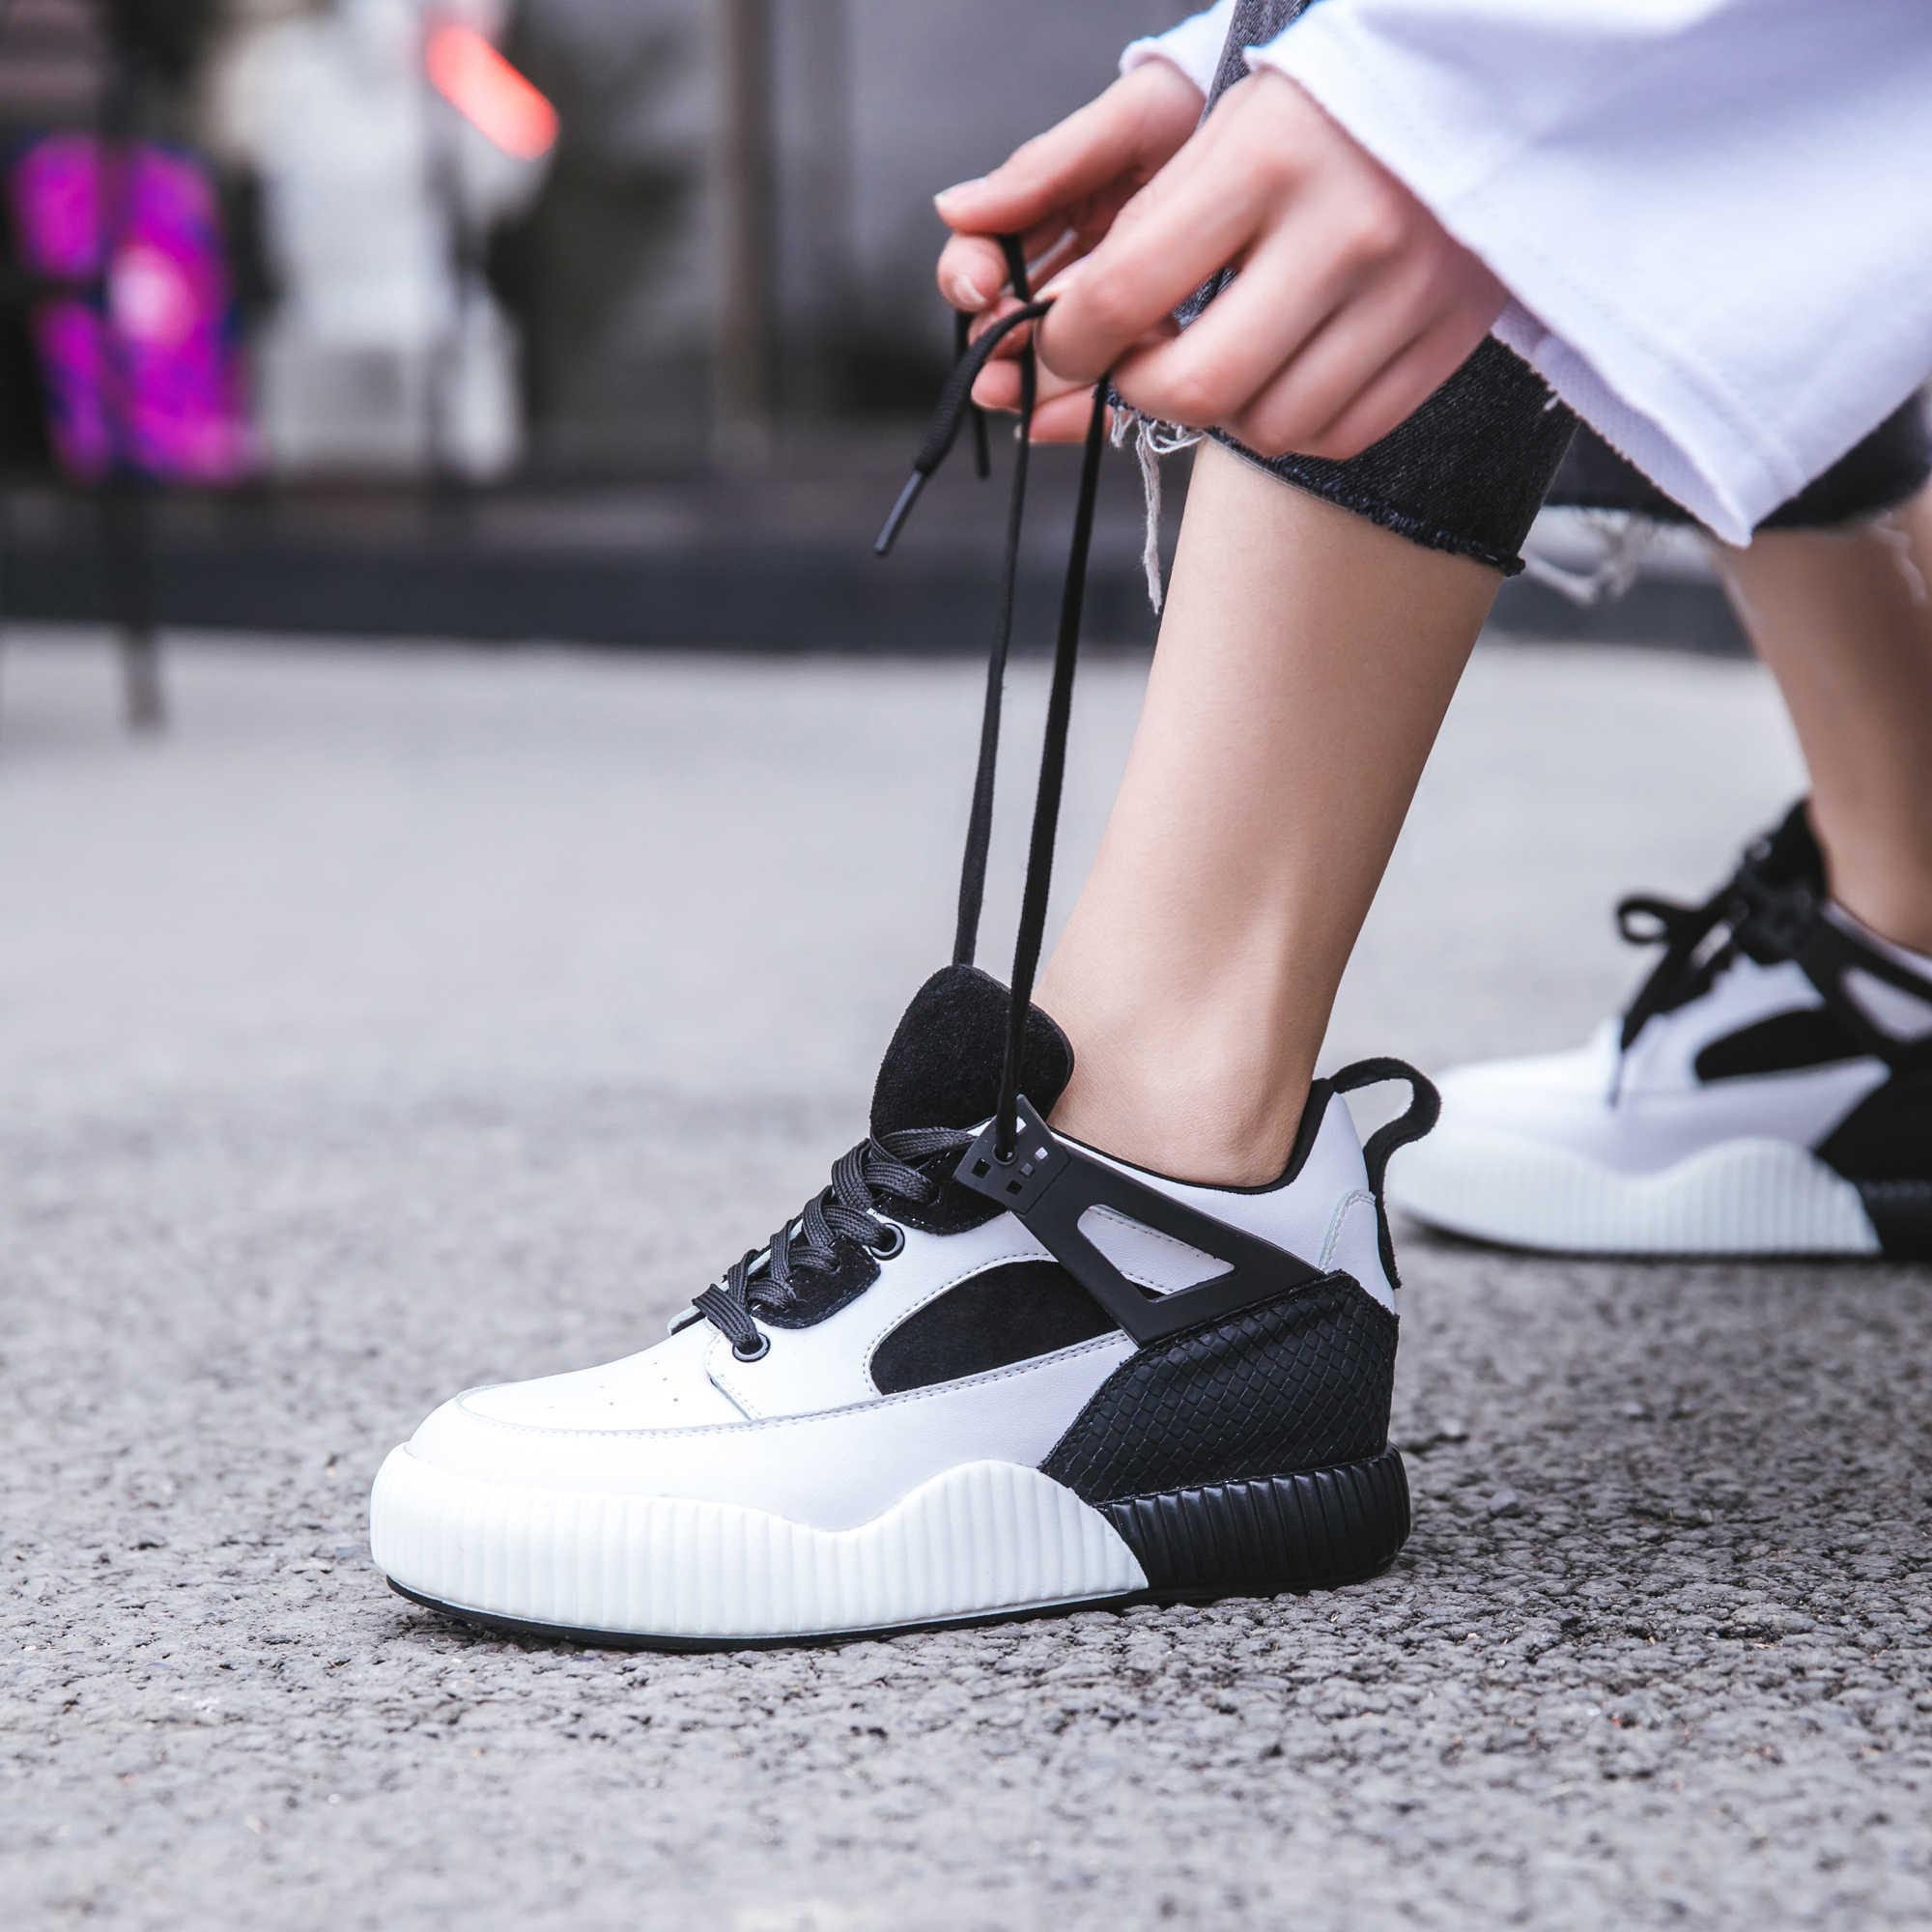 2018 модная женская обувь кроссовки женские на платформе Новый Для женщин  Спортивная обувь розовый черный Кружево 3b8883909d520